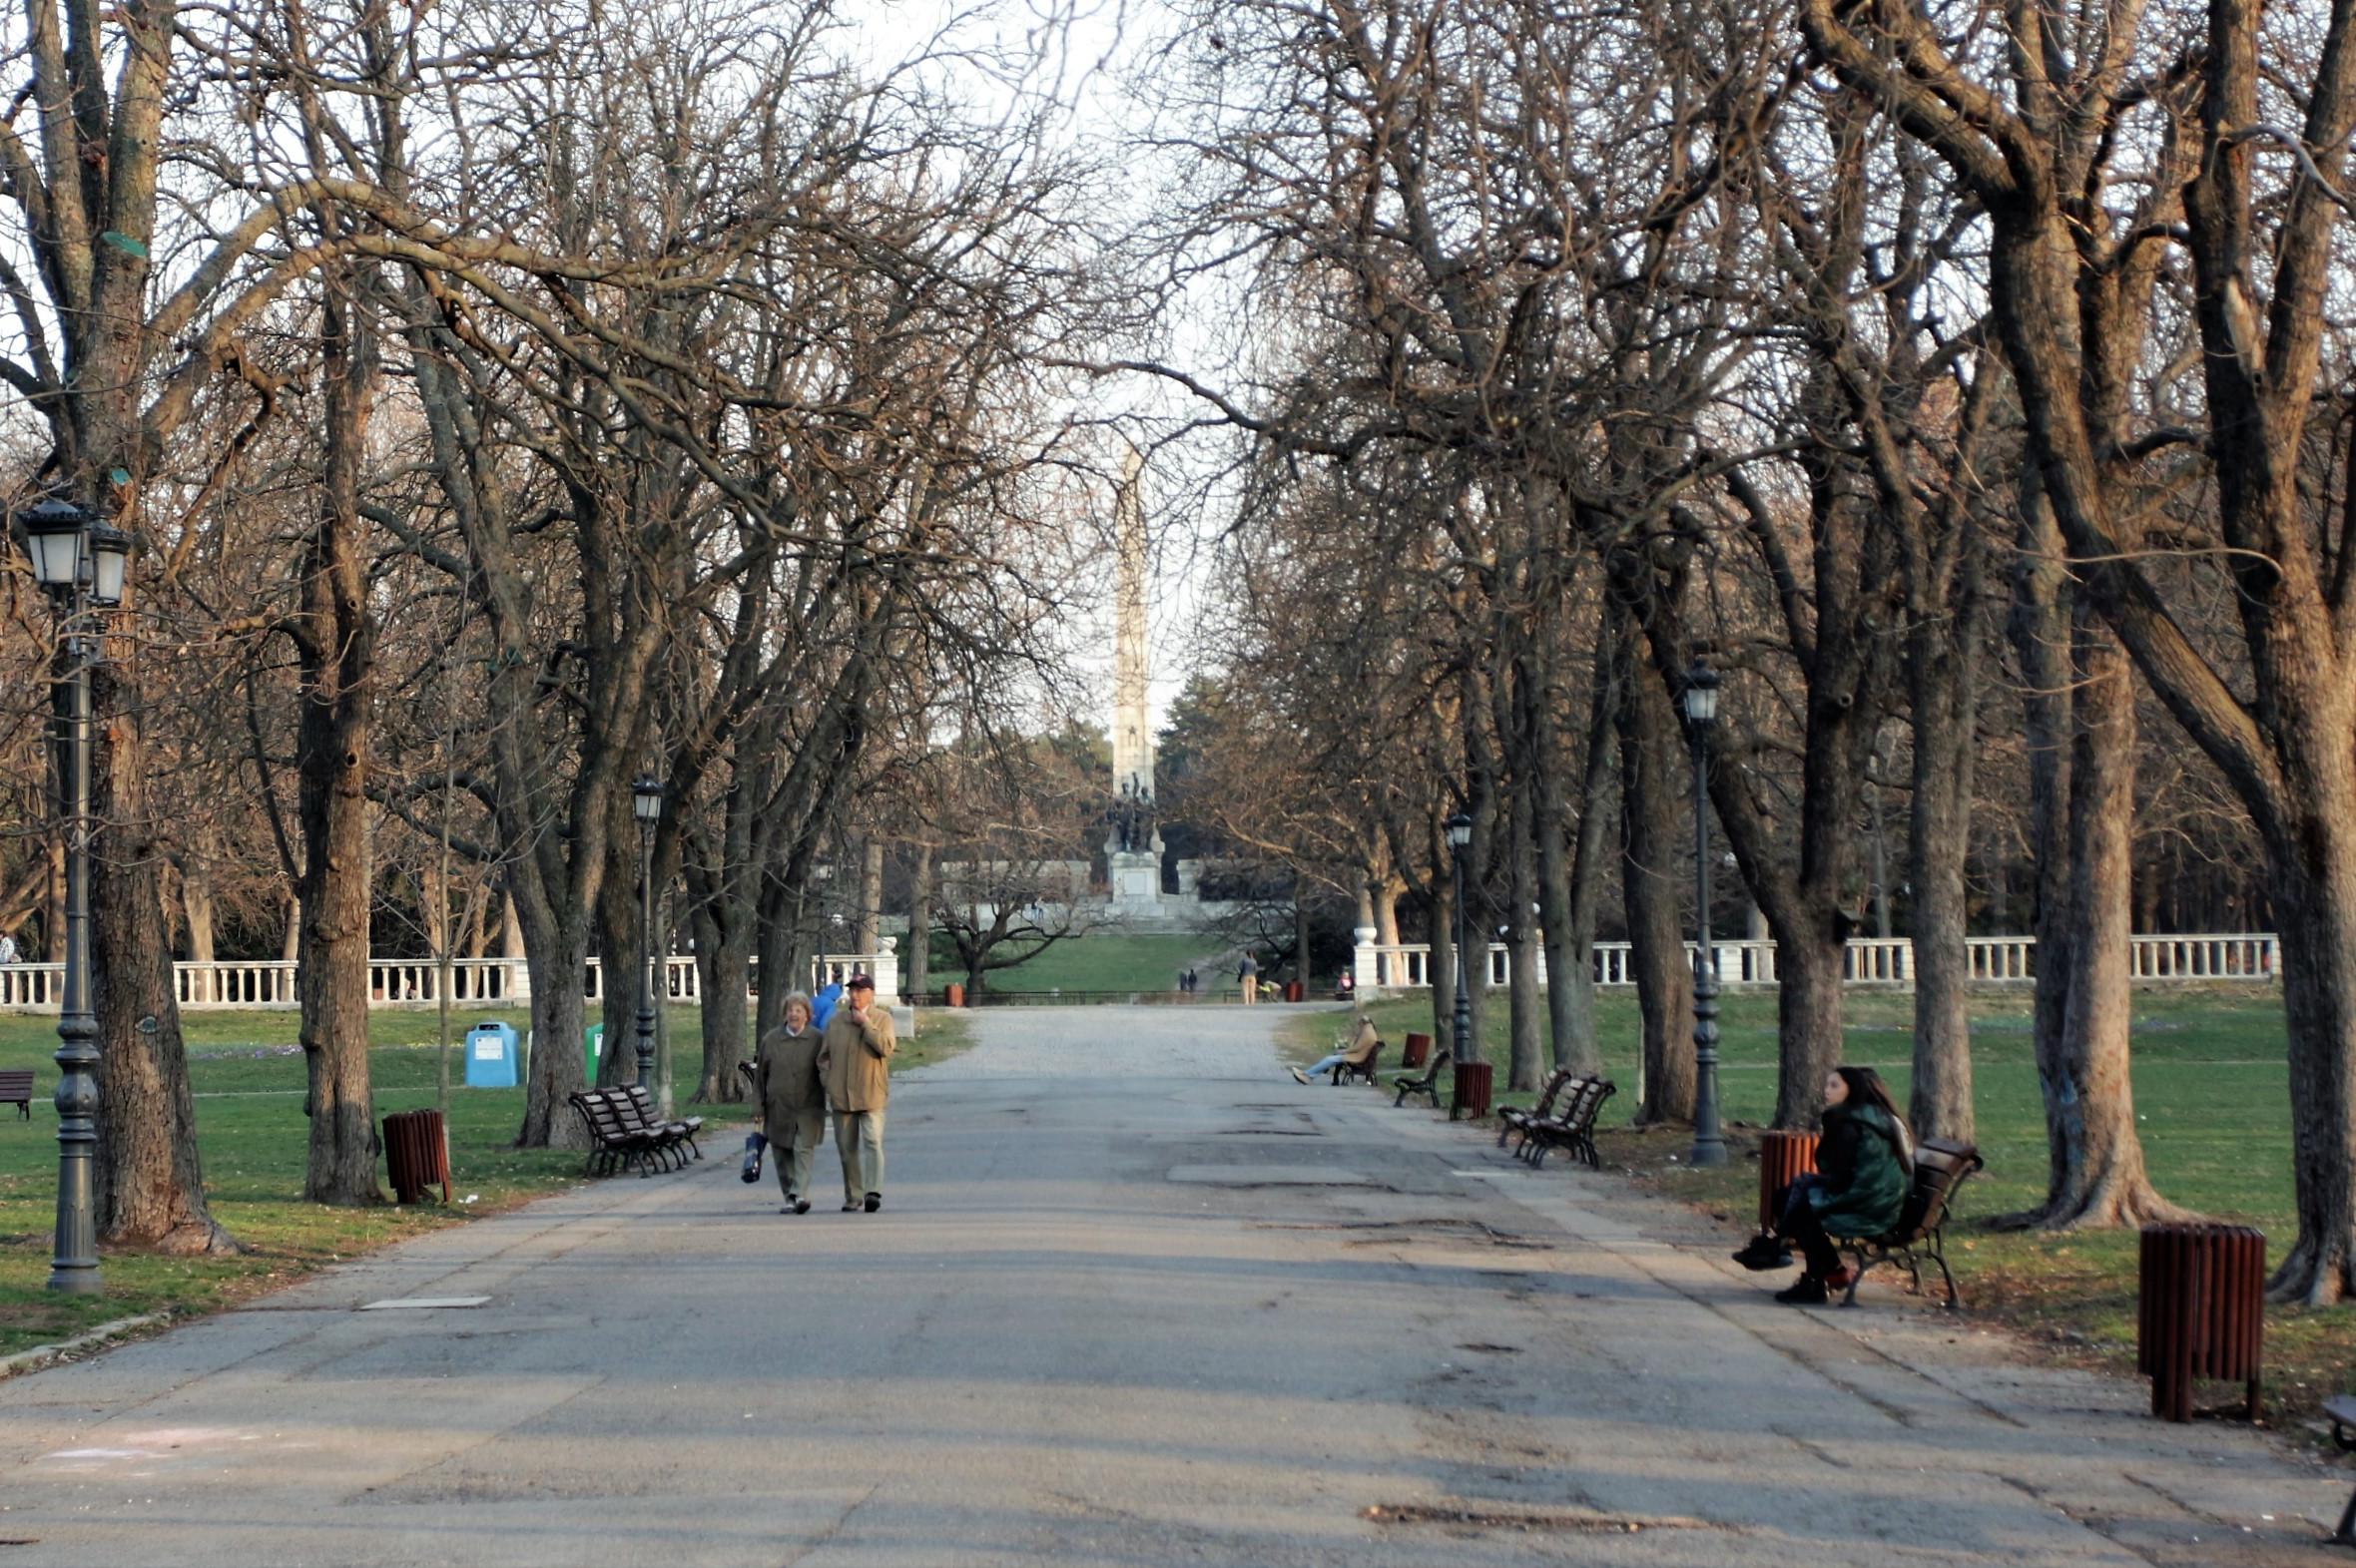 Обществено обсъждане за бюст-паметник на ген. Владимир Вазов в Борисовата г